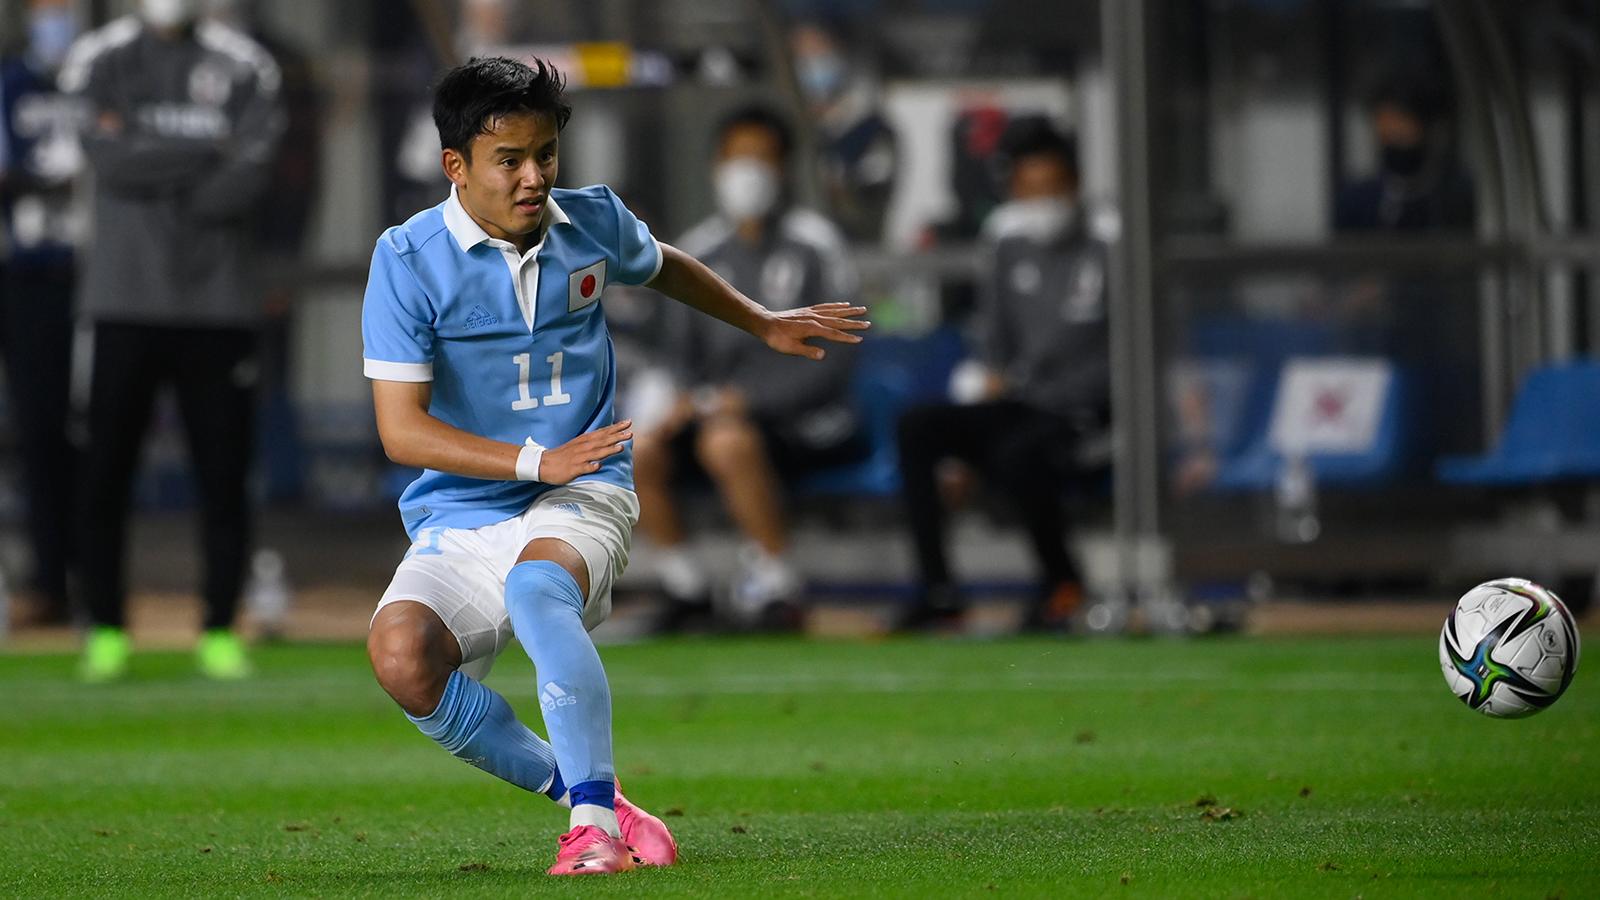 【きょうのスポーツ】堂安律、久保建英らが躍動!U-24日本代表がU-24ガーナ代表に6発快勝|サッカー日本代表